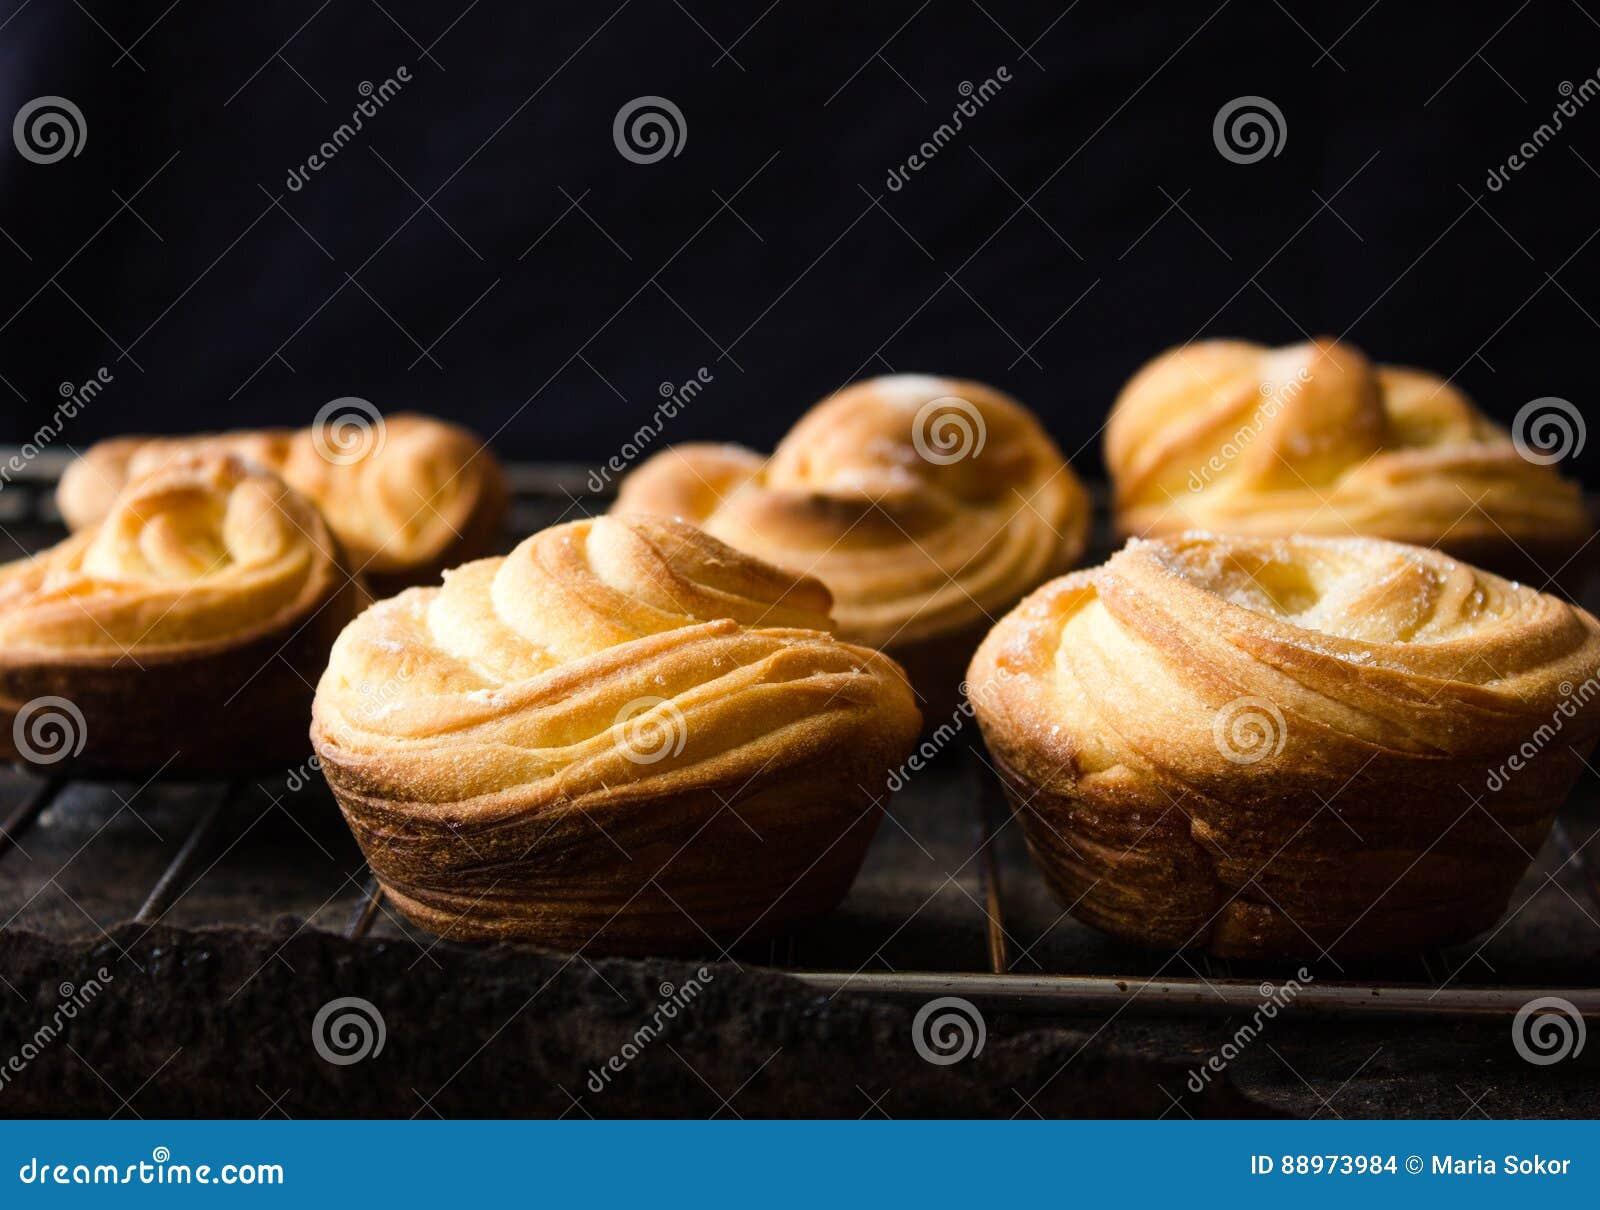 Galletas de torta dulce americanas con gotas de chocolate y un jarro de leche y de almendras Fondo oscuro del grunge Luz mística